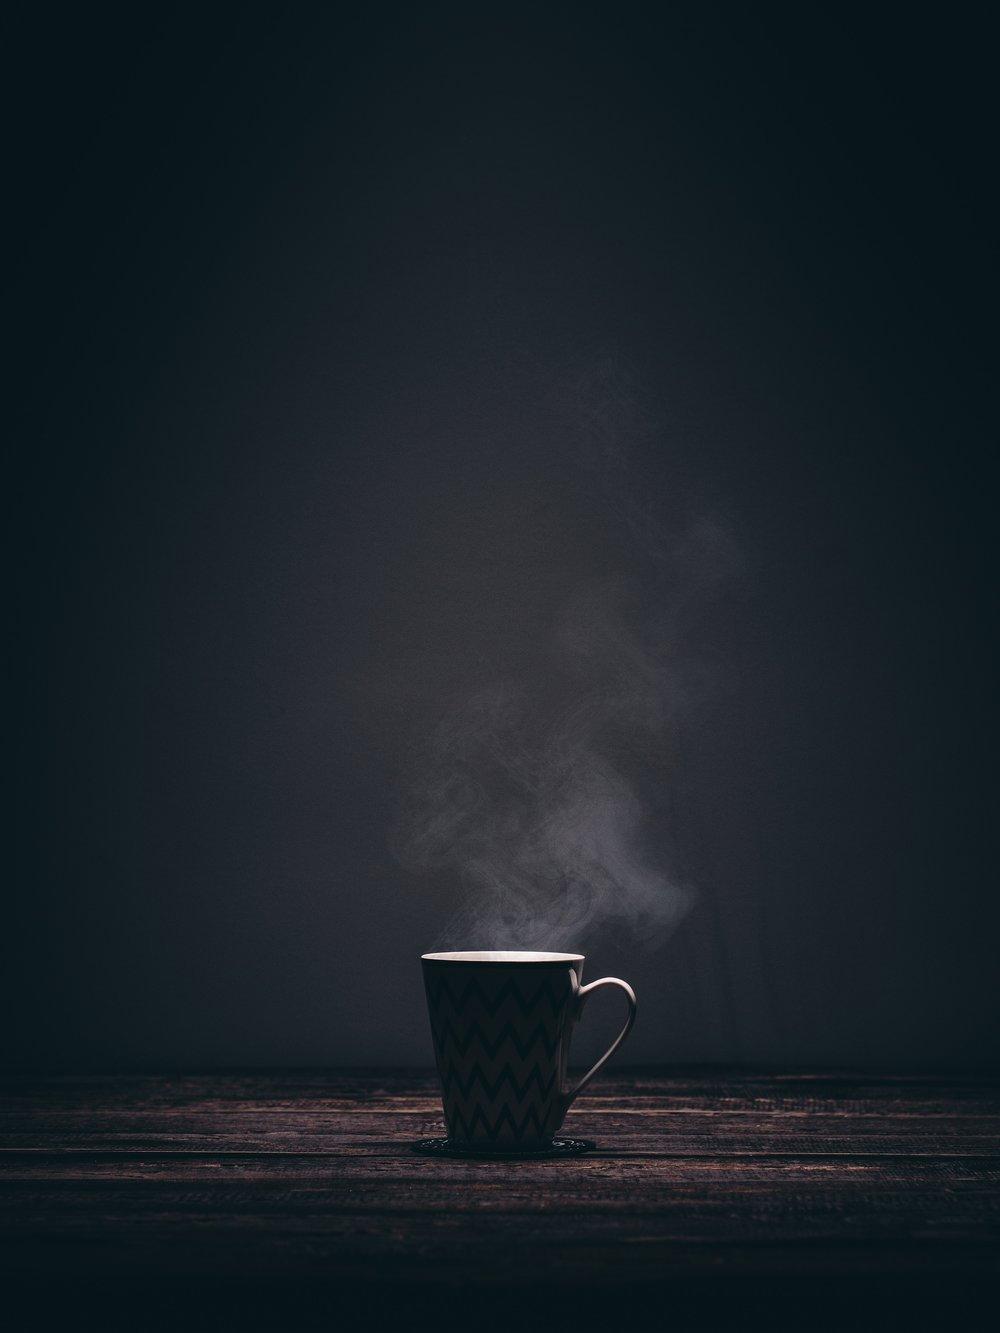 beverage-coffee-cup-12597.jpg